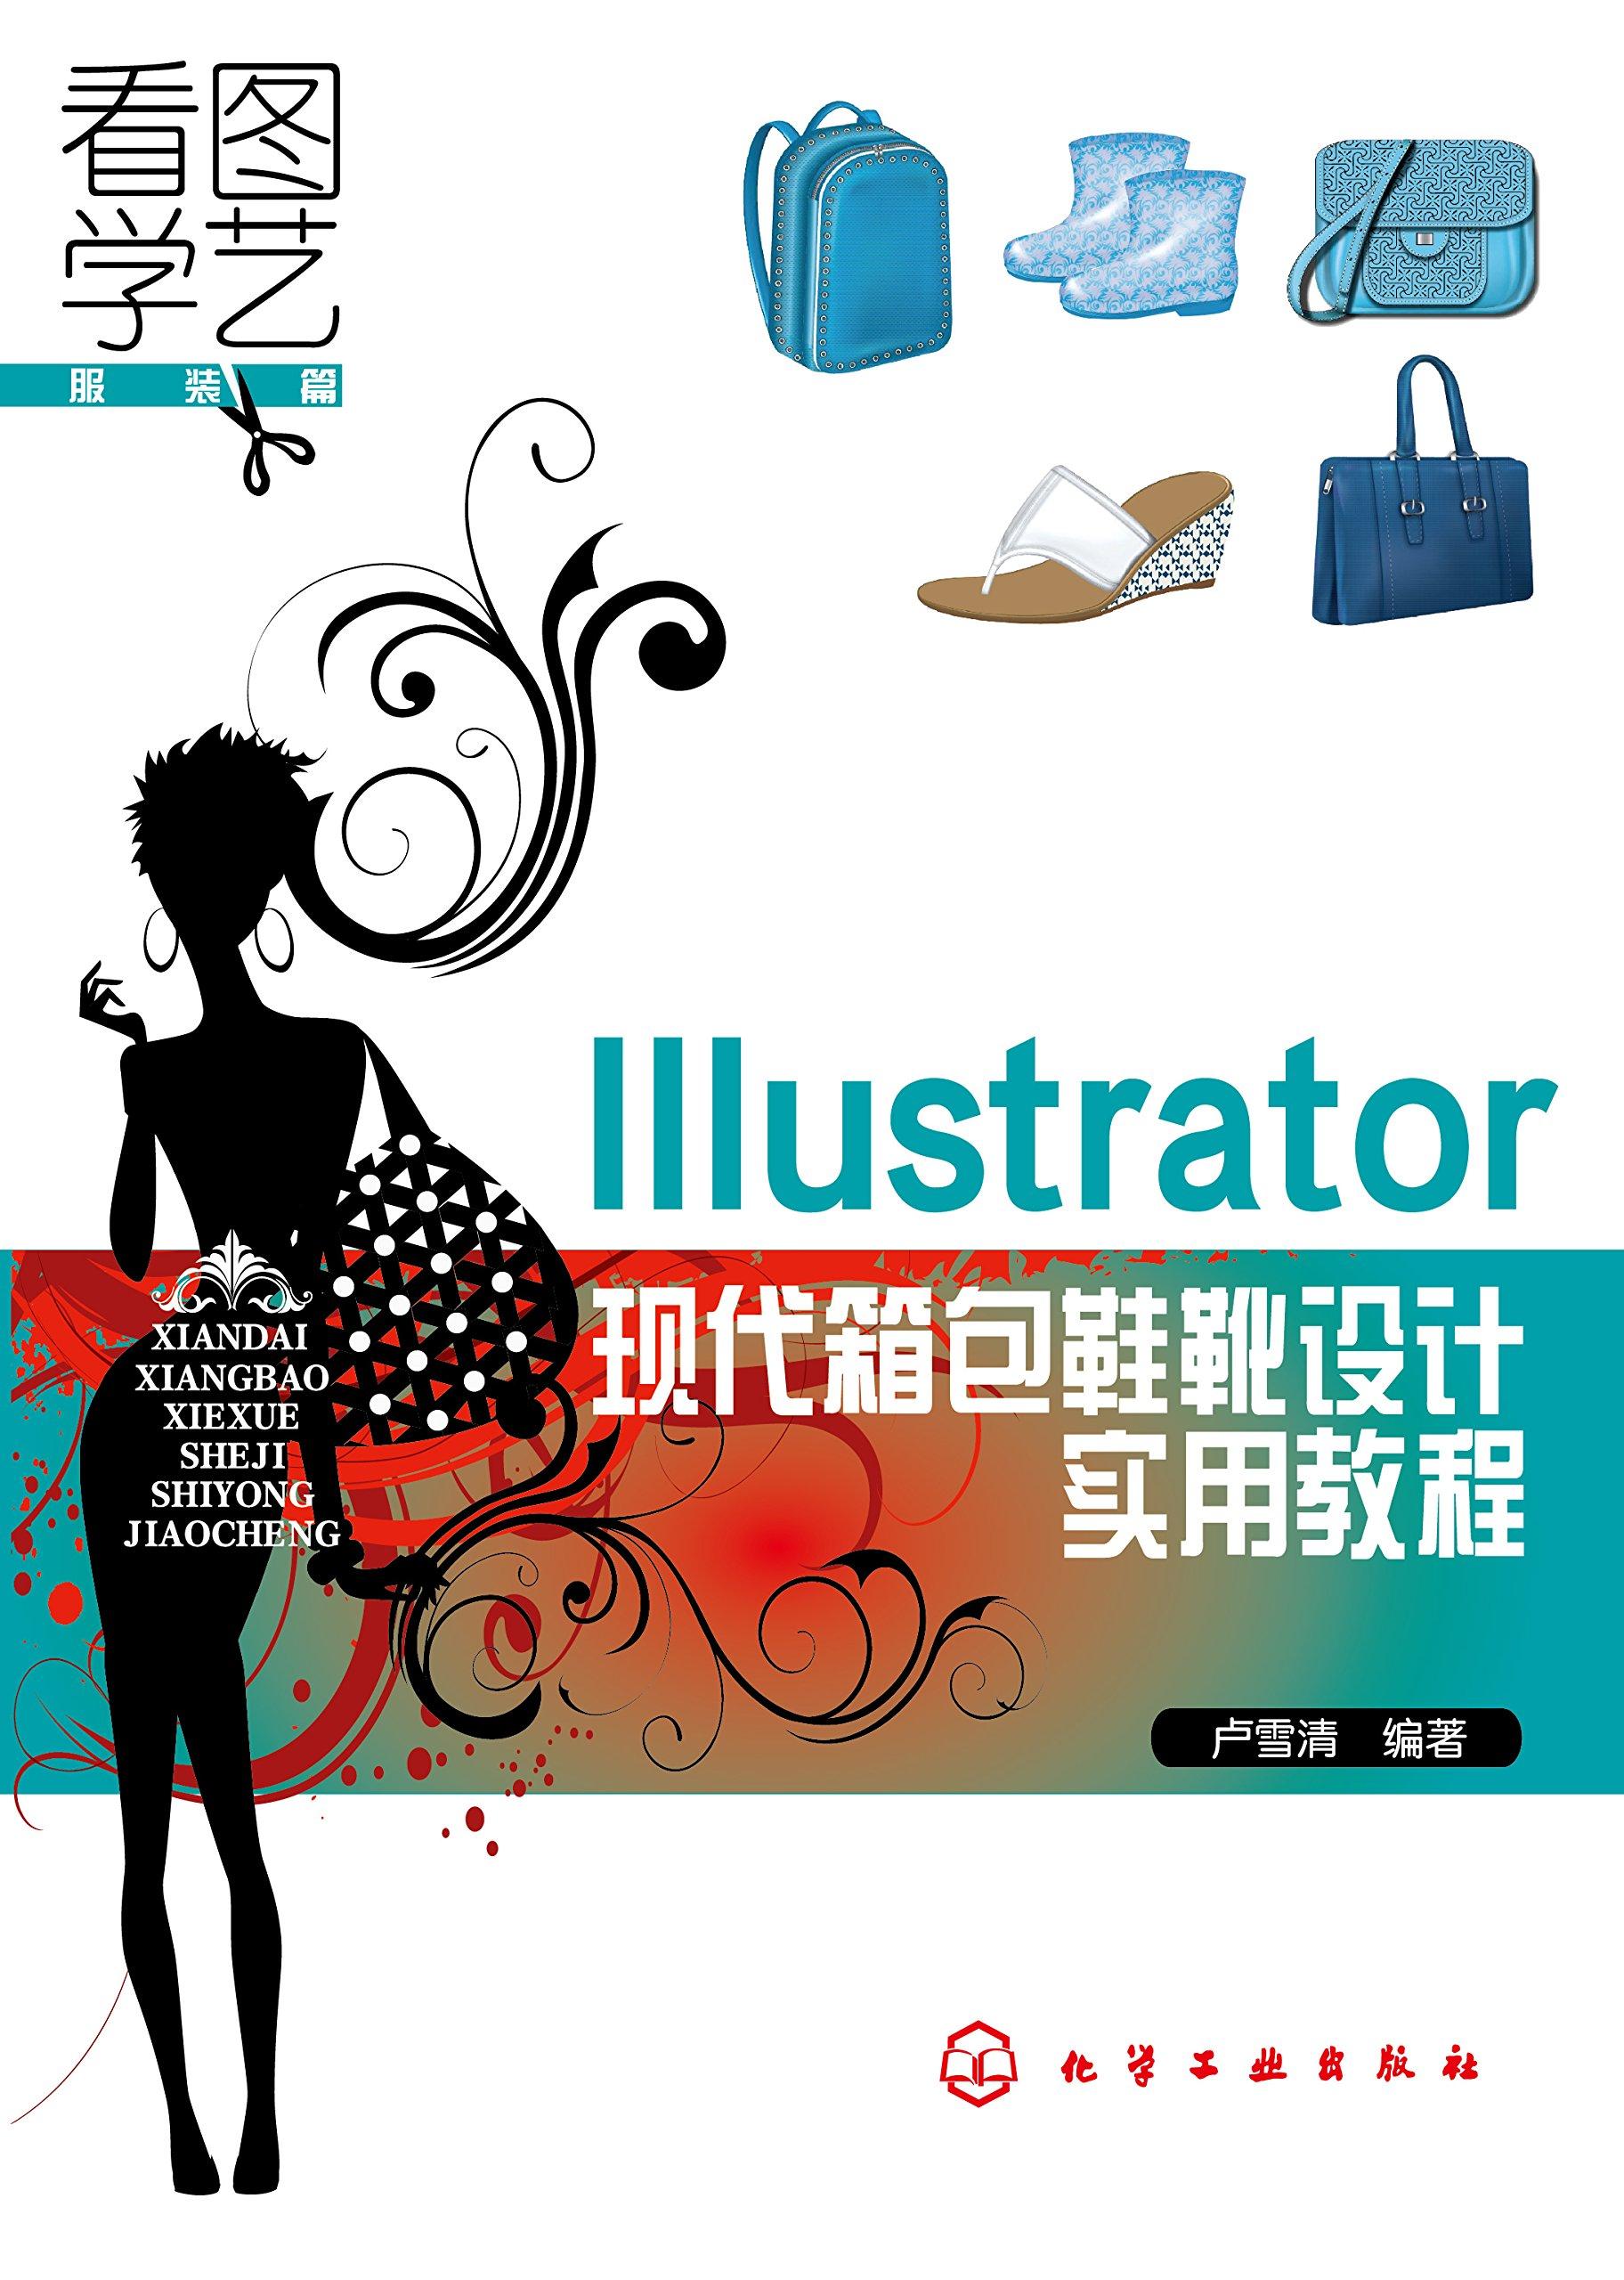 ファッションデザインの要素:アクセサリーデザイン